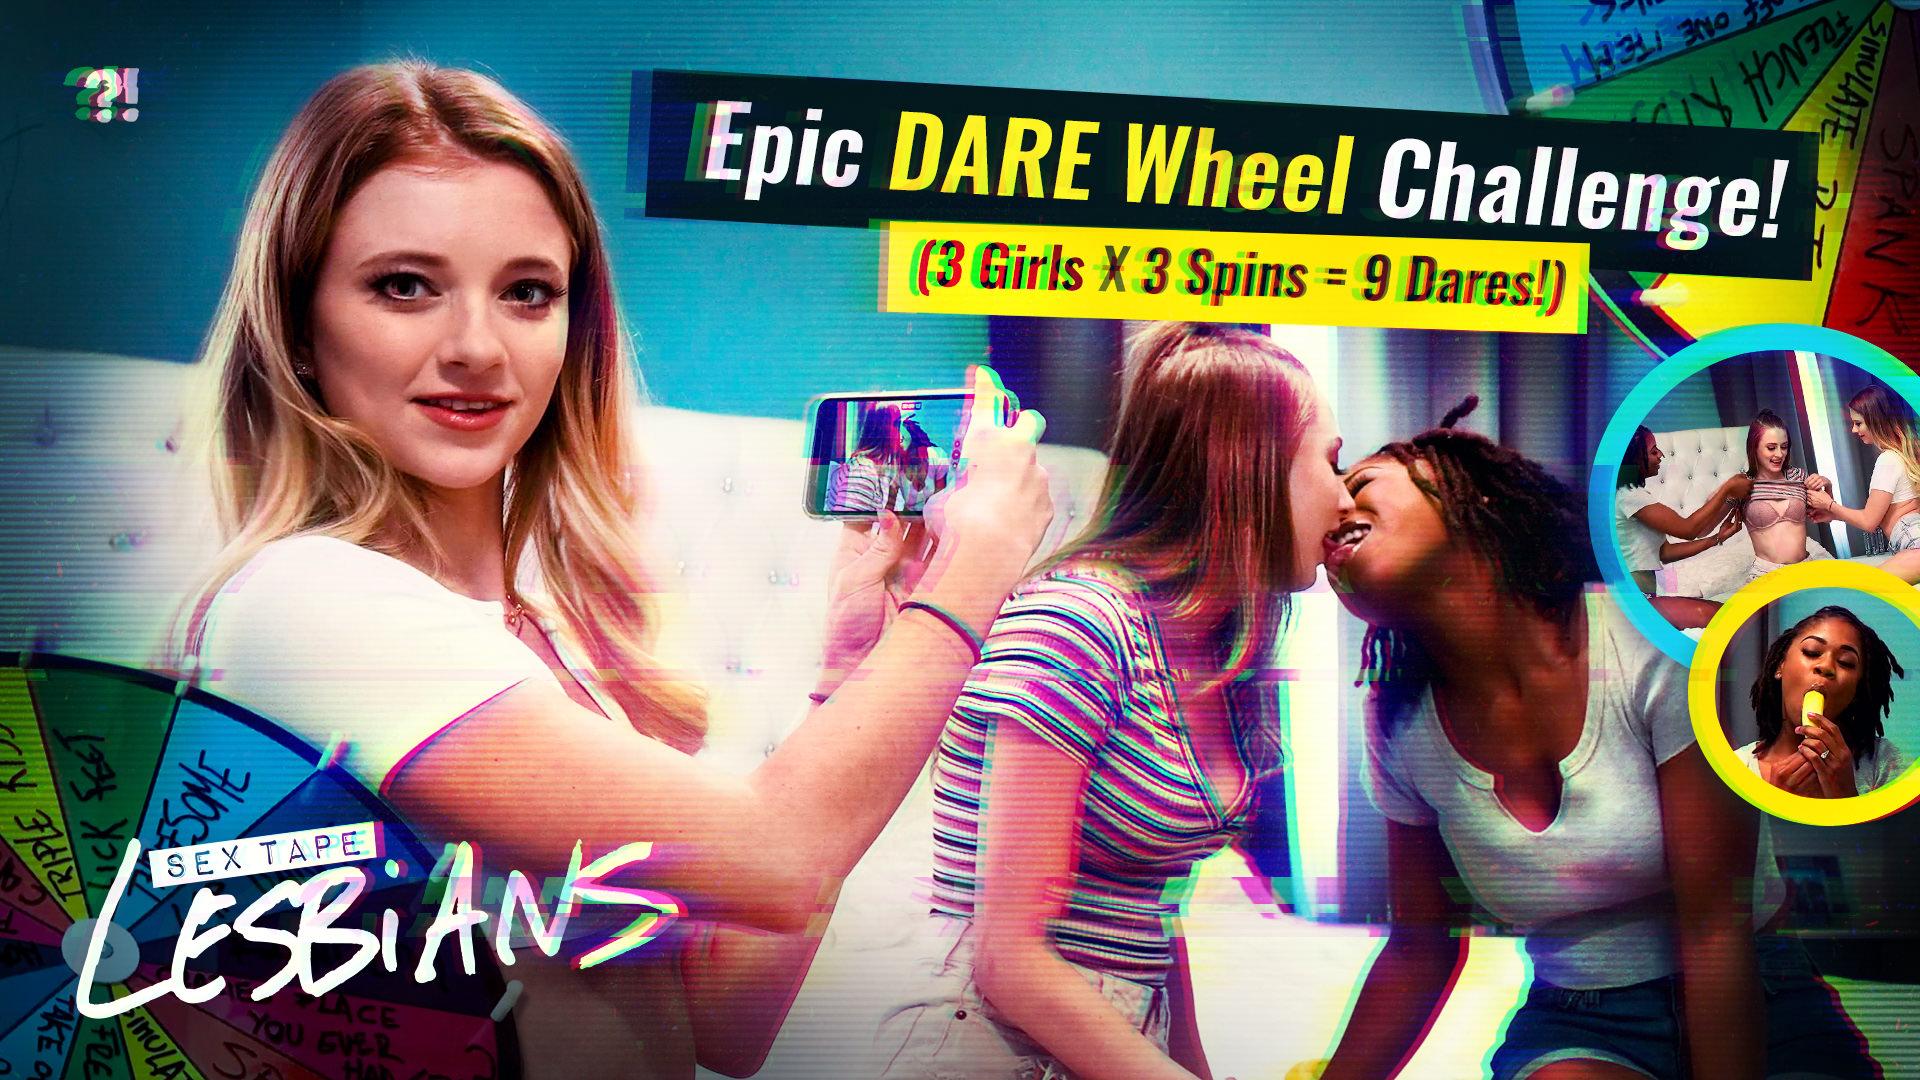 Epic DARE Wheel Challenge! (3 Girls x 3 Spins = 9 Dares!)